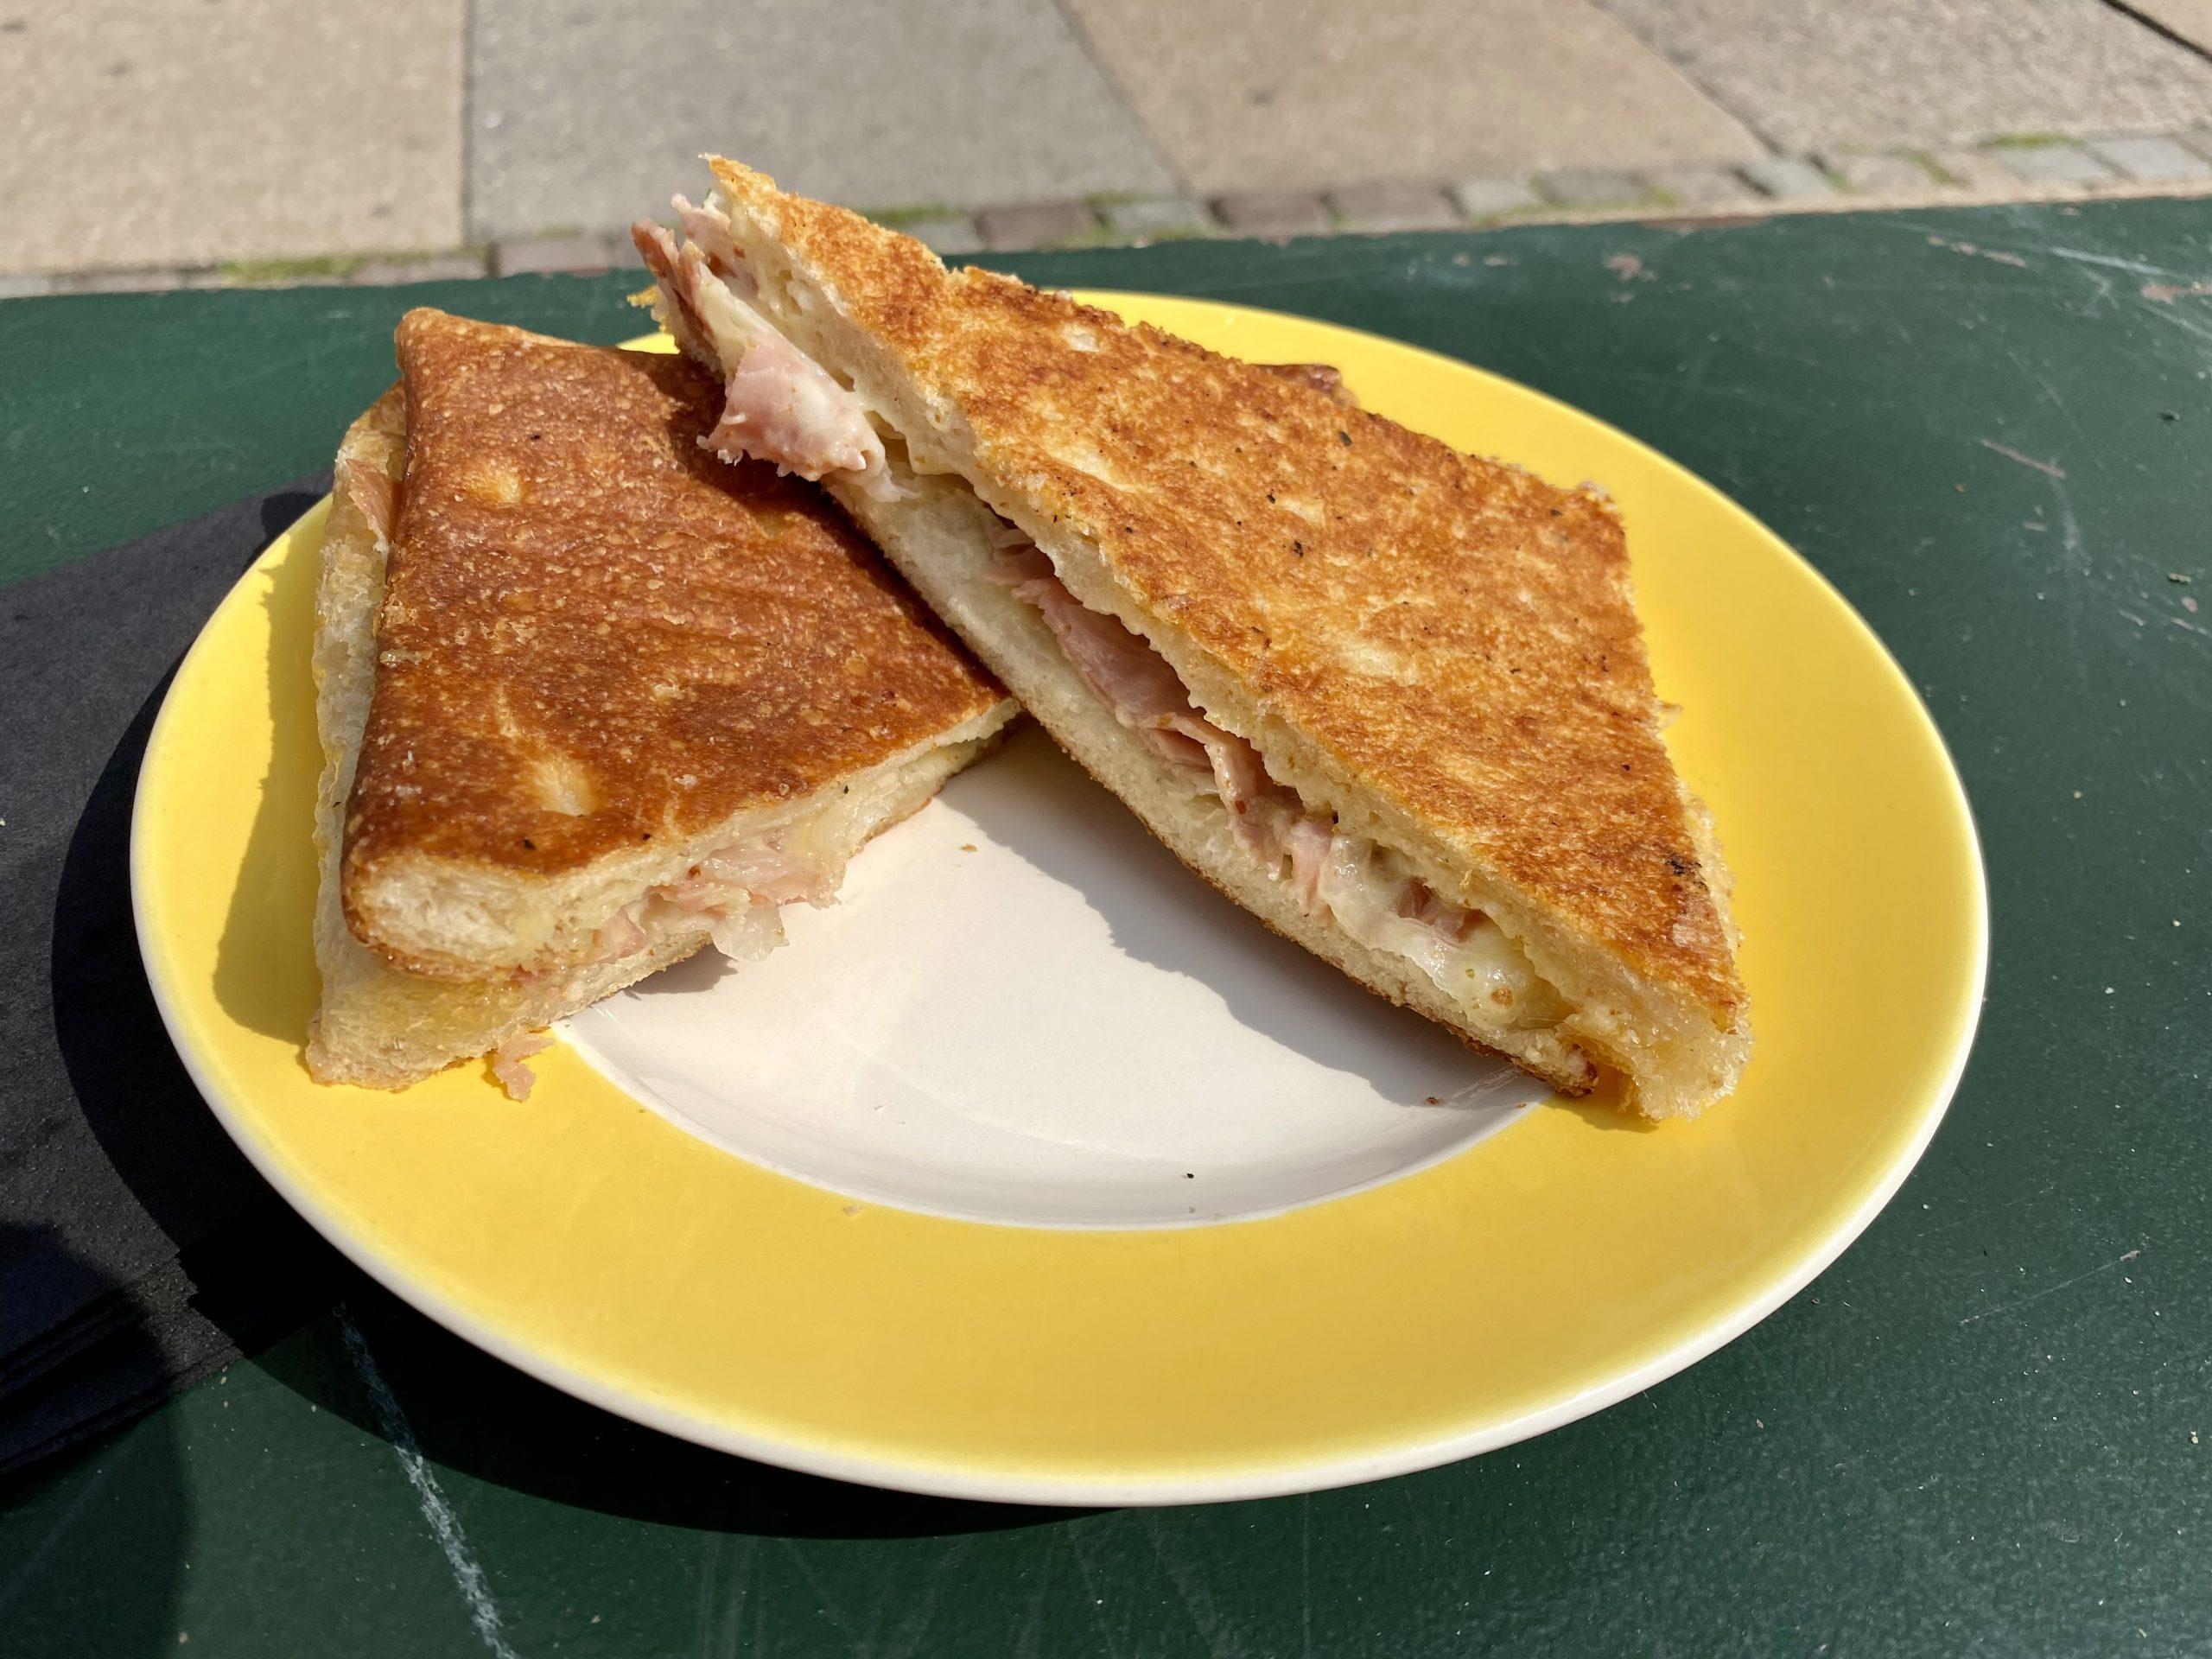 Den gode, gamle toast: 3 steder med sprøde toasts i Aarhus